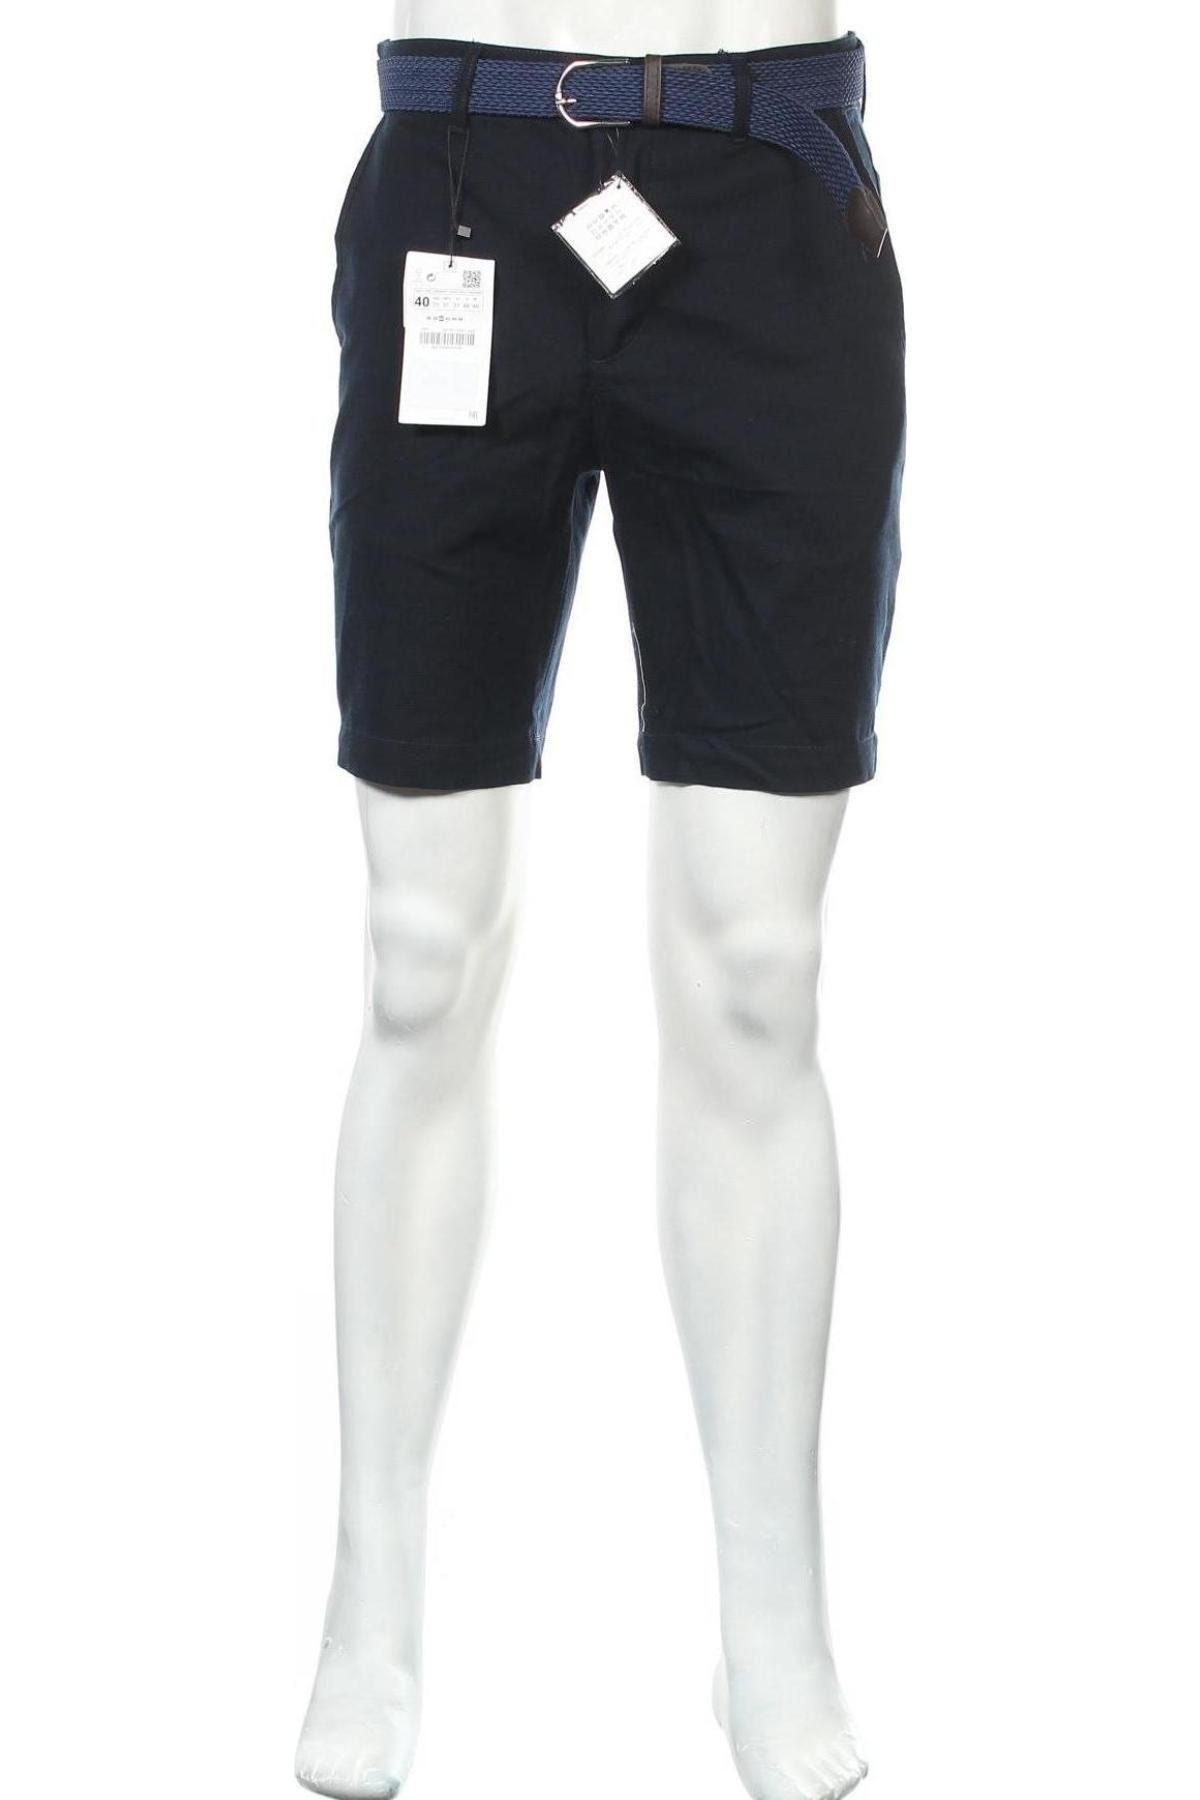 Ανδρικό κοντό παντελόνι Zara, Μέγεθος M, Χρώμα Μπλέ, 98% βαμβάκι, 2% ελαστάνη, Τιμή 18,95€